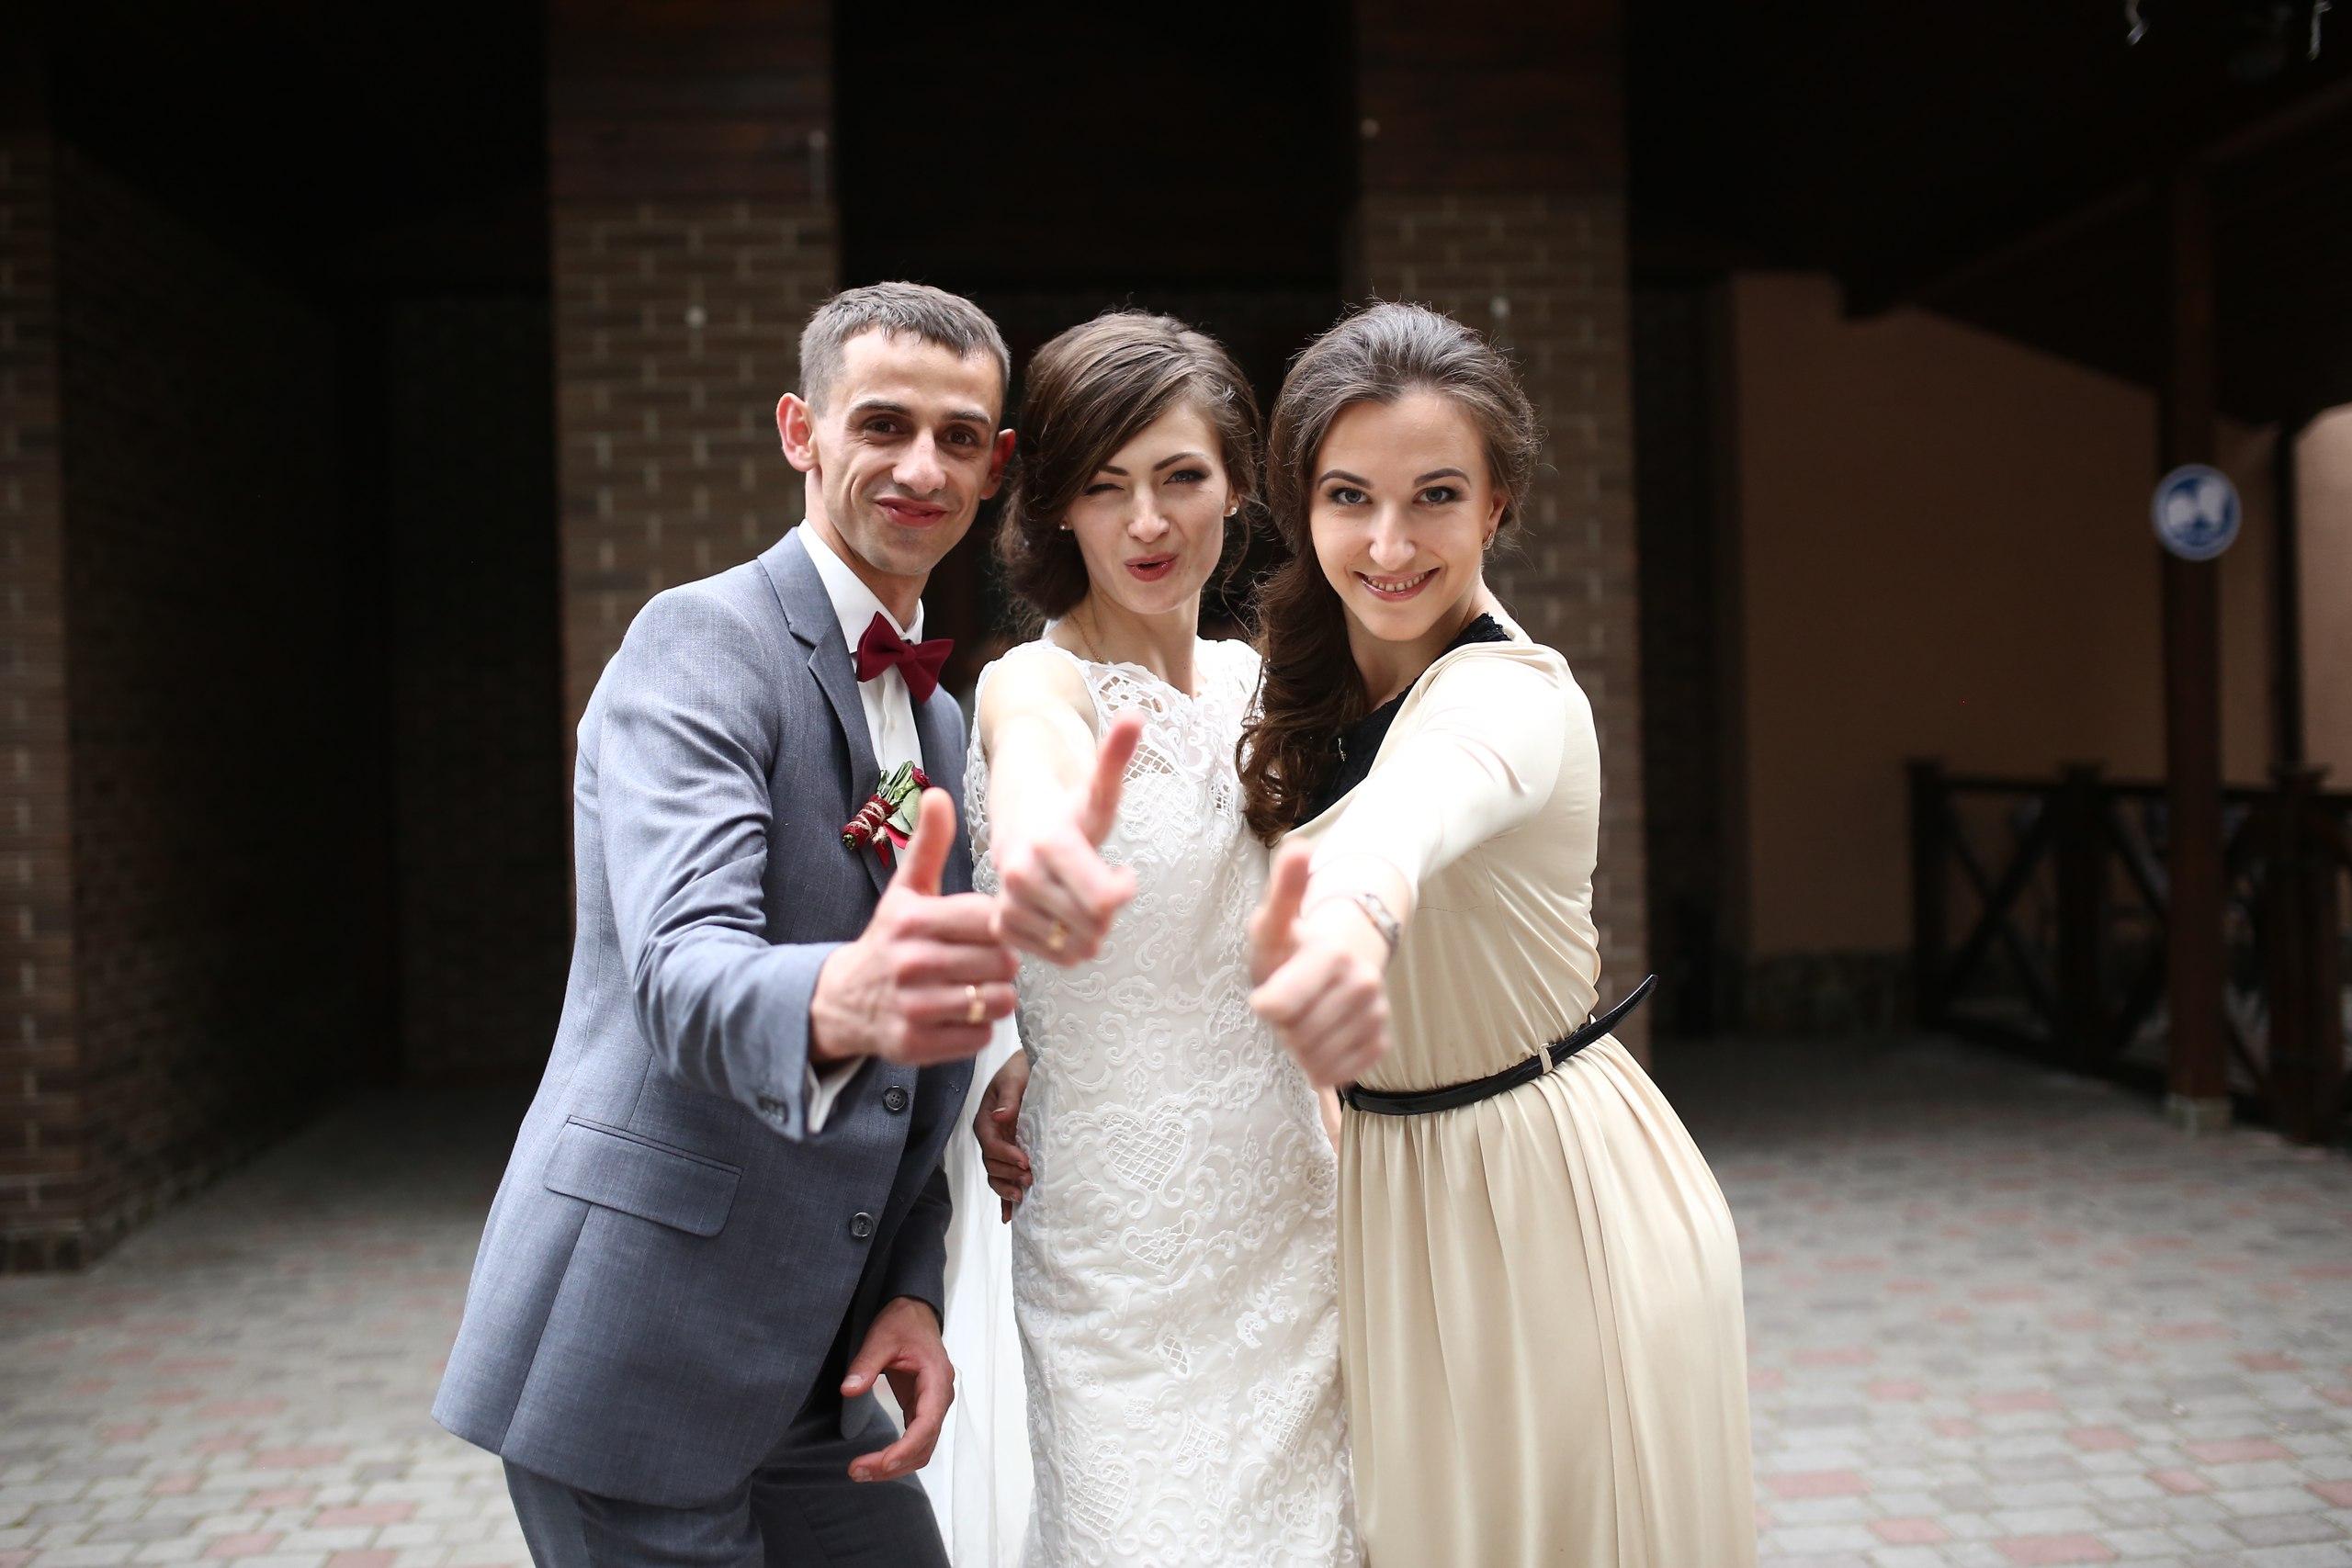 Яким повинен бути хороший ведучий(тамада) на весілля  - Організація ... c288cc2b01d22